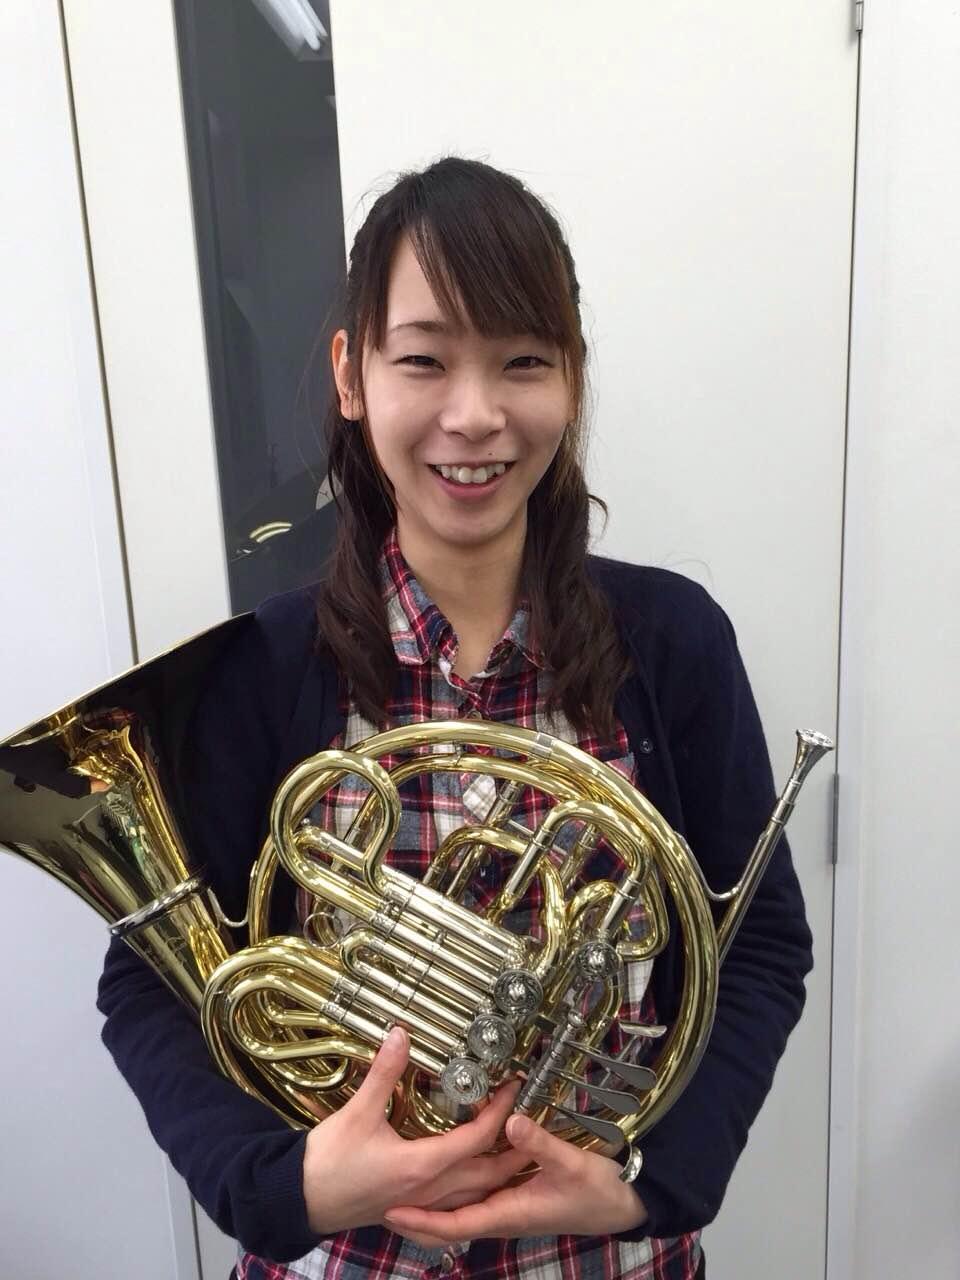 浮田理沙さん|ウインドオーケストラ・卒業生|島村楽器テクニカルアカデミー 管楽器リペア科